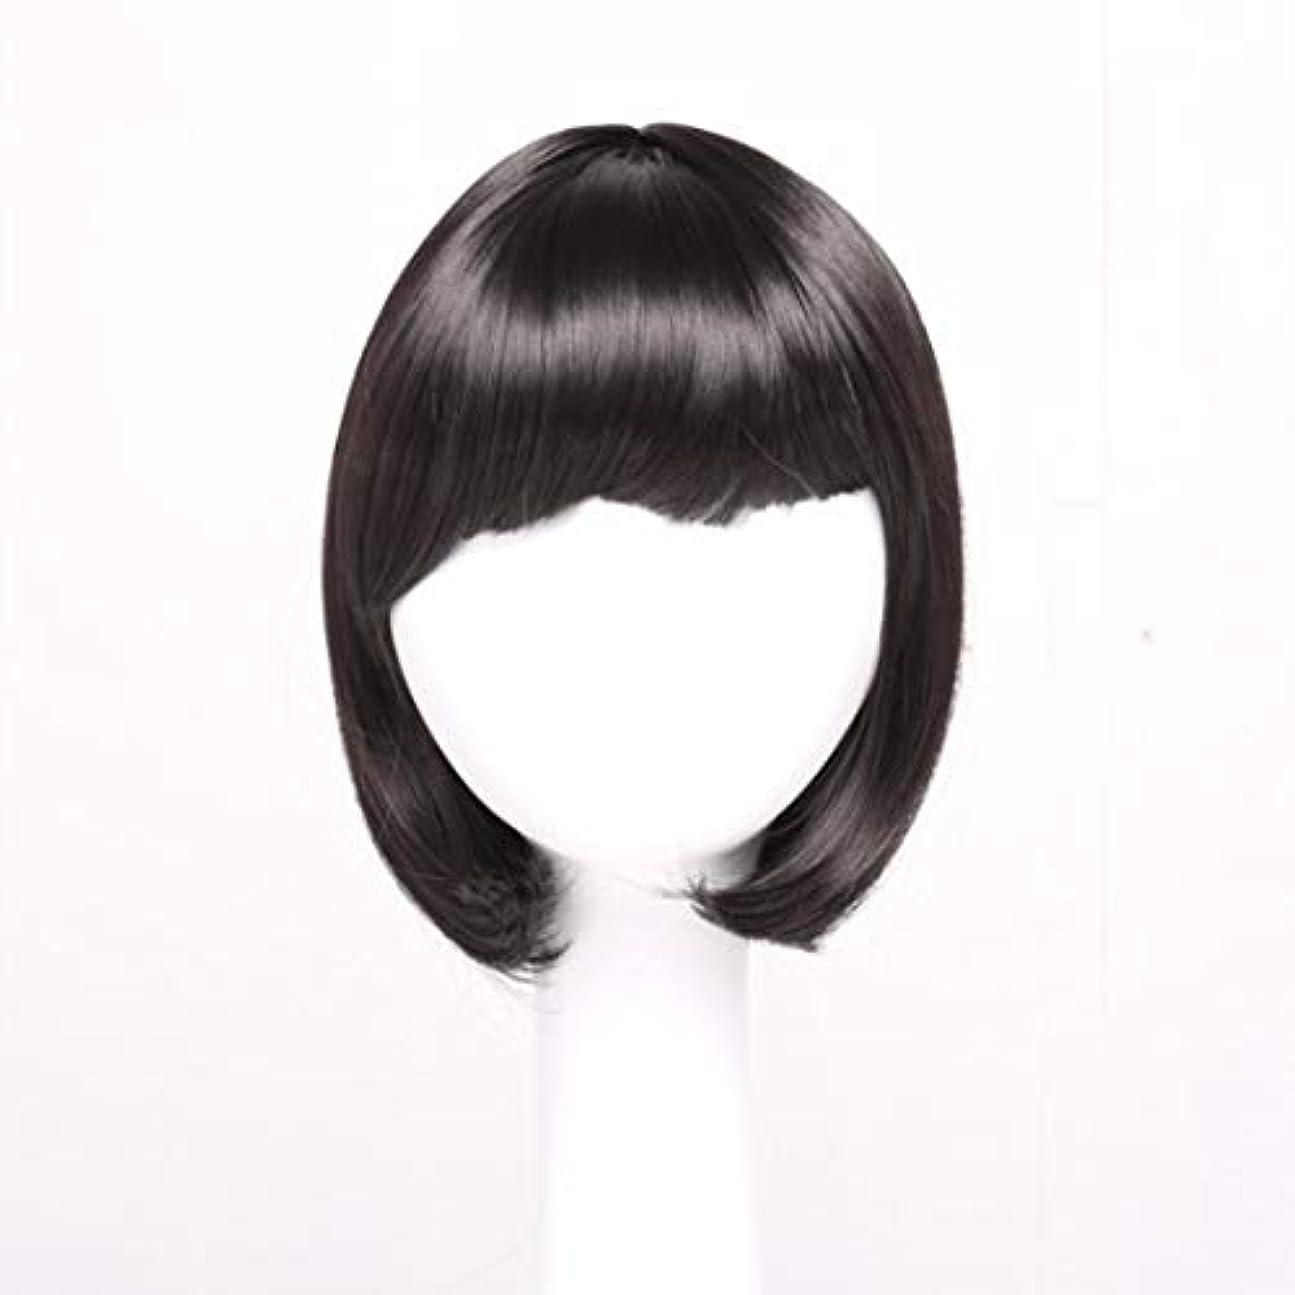 ハチカプセル母性Kerwinner 本物の髪として自然な女性のためのフラット前髪合成黒かつらとストレートショートボブの髪かつら